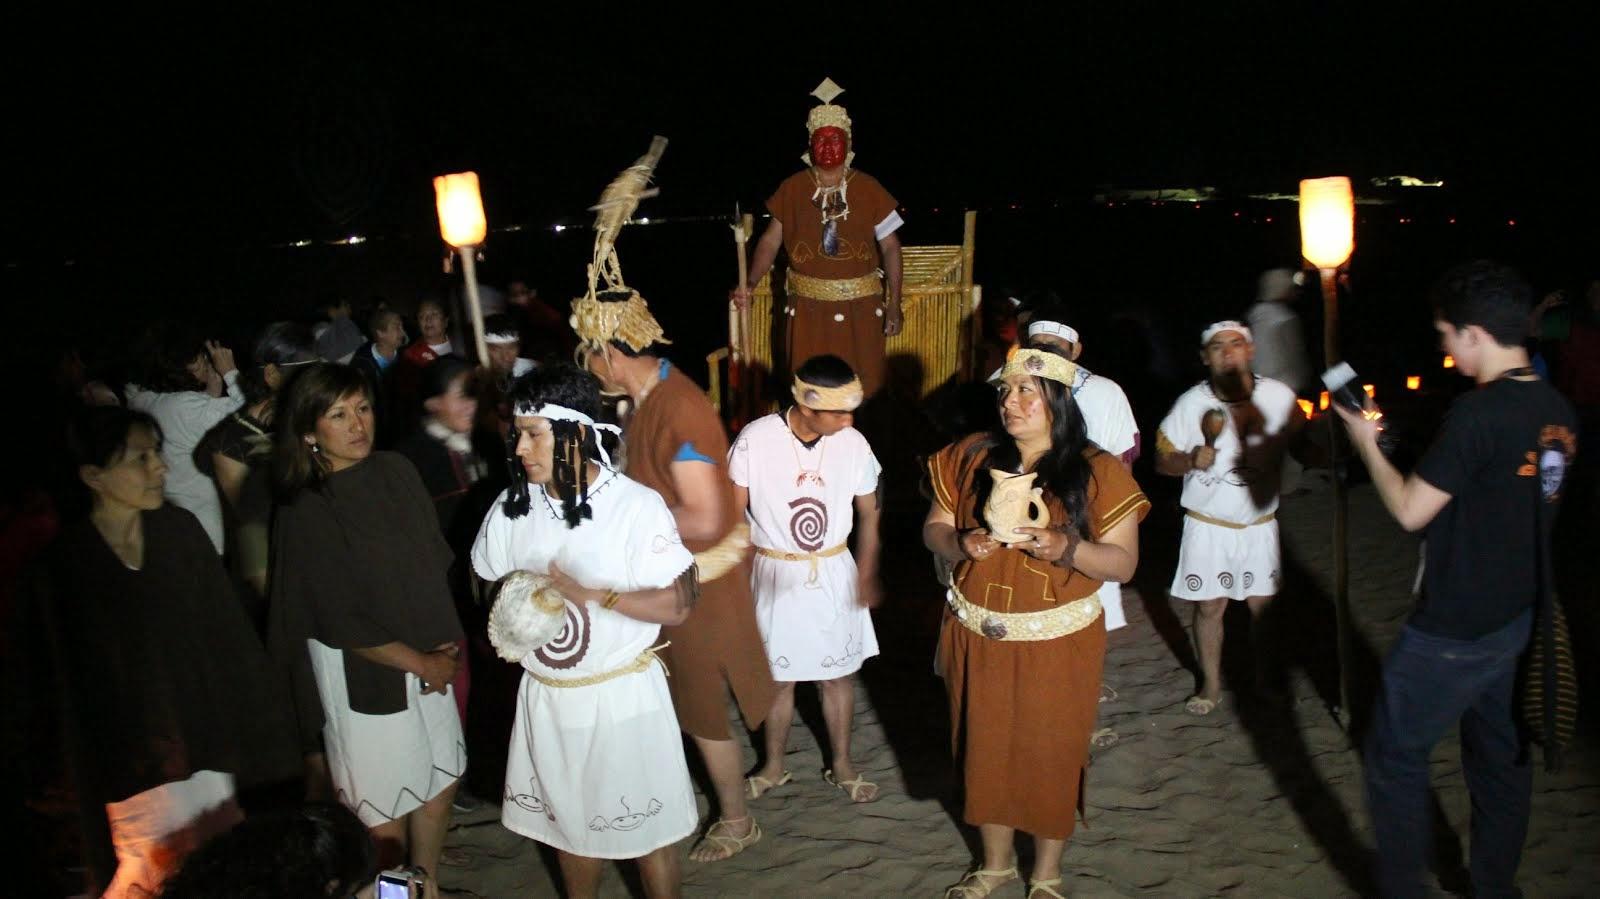 24-25-26-27-10-2014-ritual,Pachamama o pago a la madre tierra,avistamientos ovni,esferas ETs, UFO